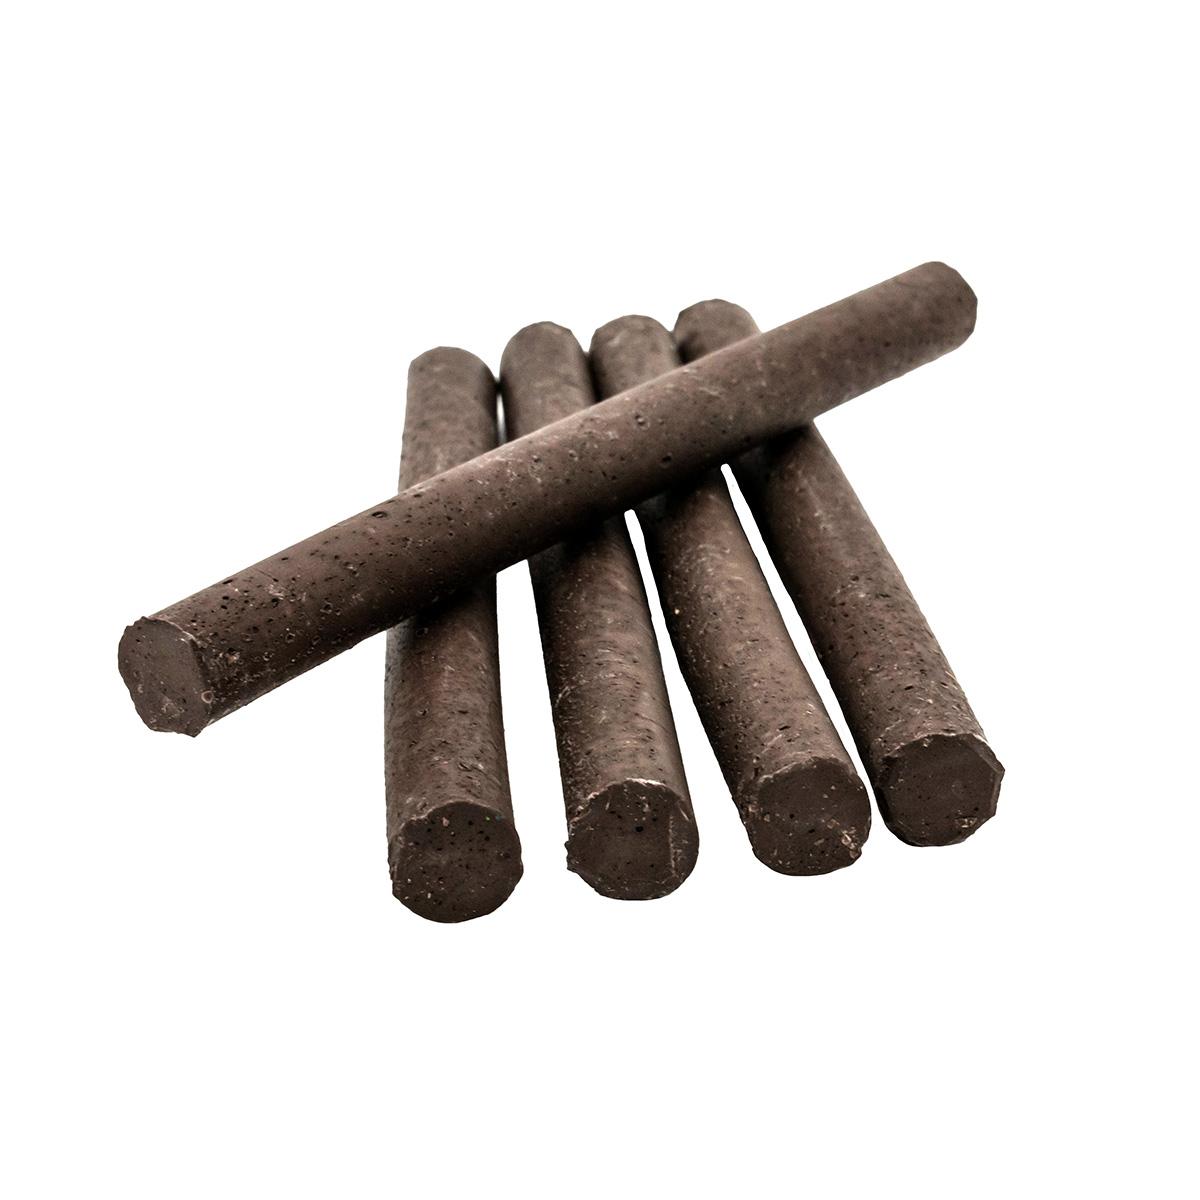 Сургуч в стержнях коричневый для клеевого пистолета, 5шт/упак Астра